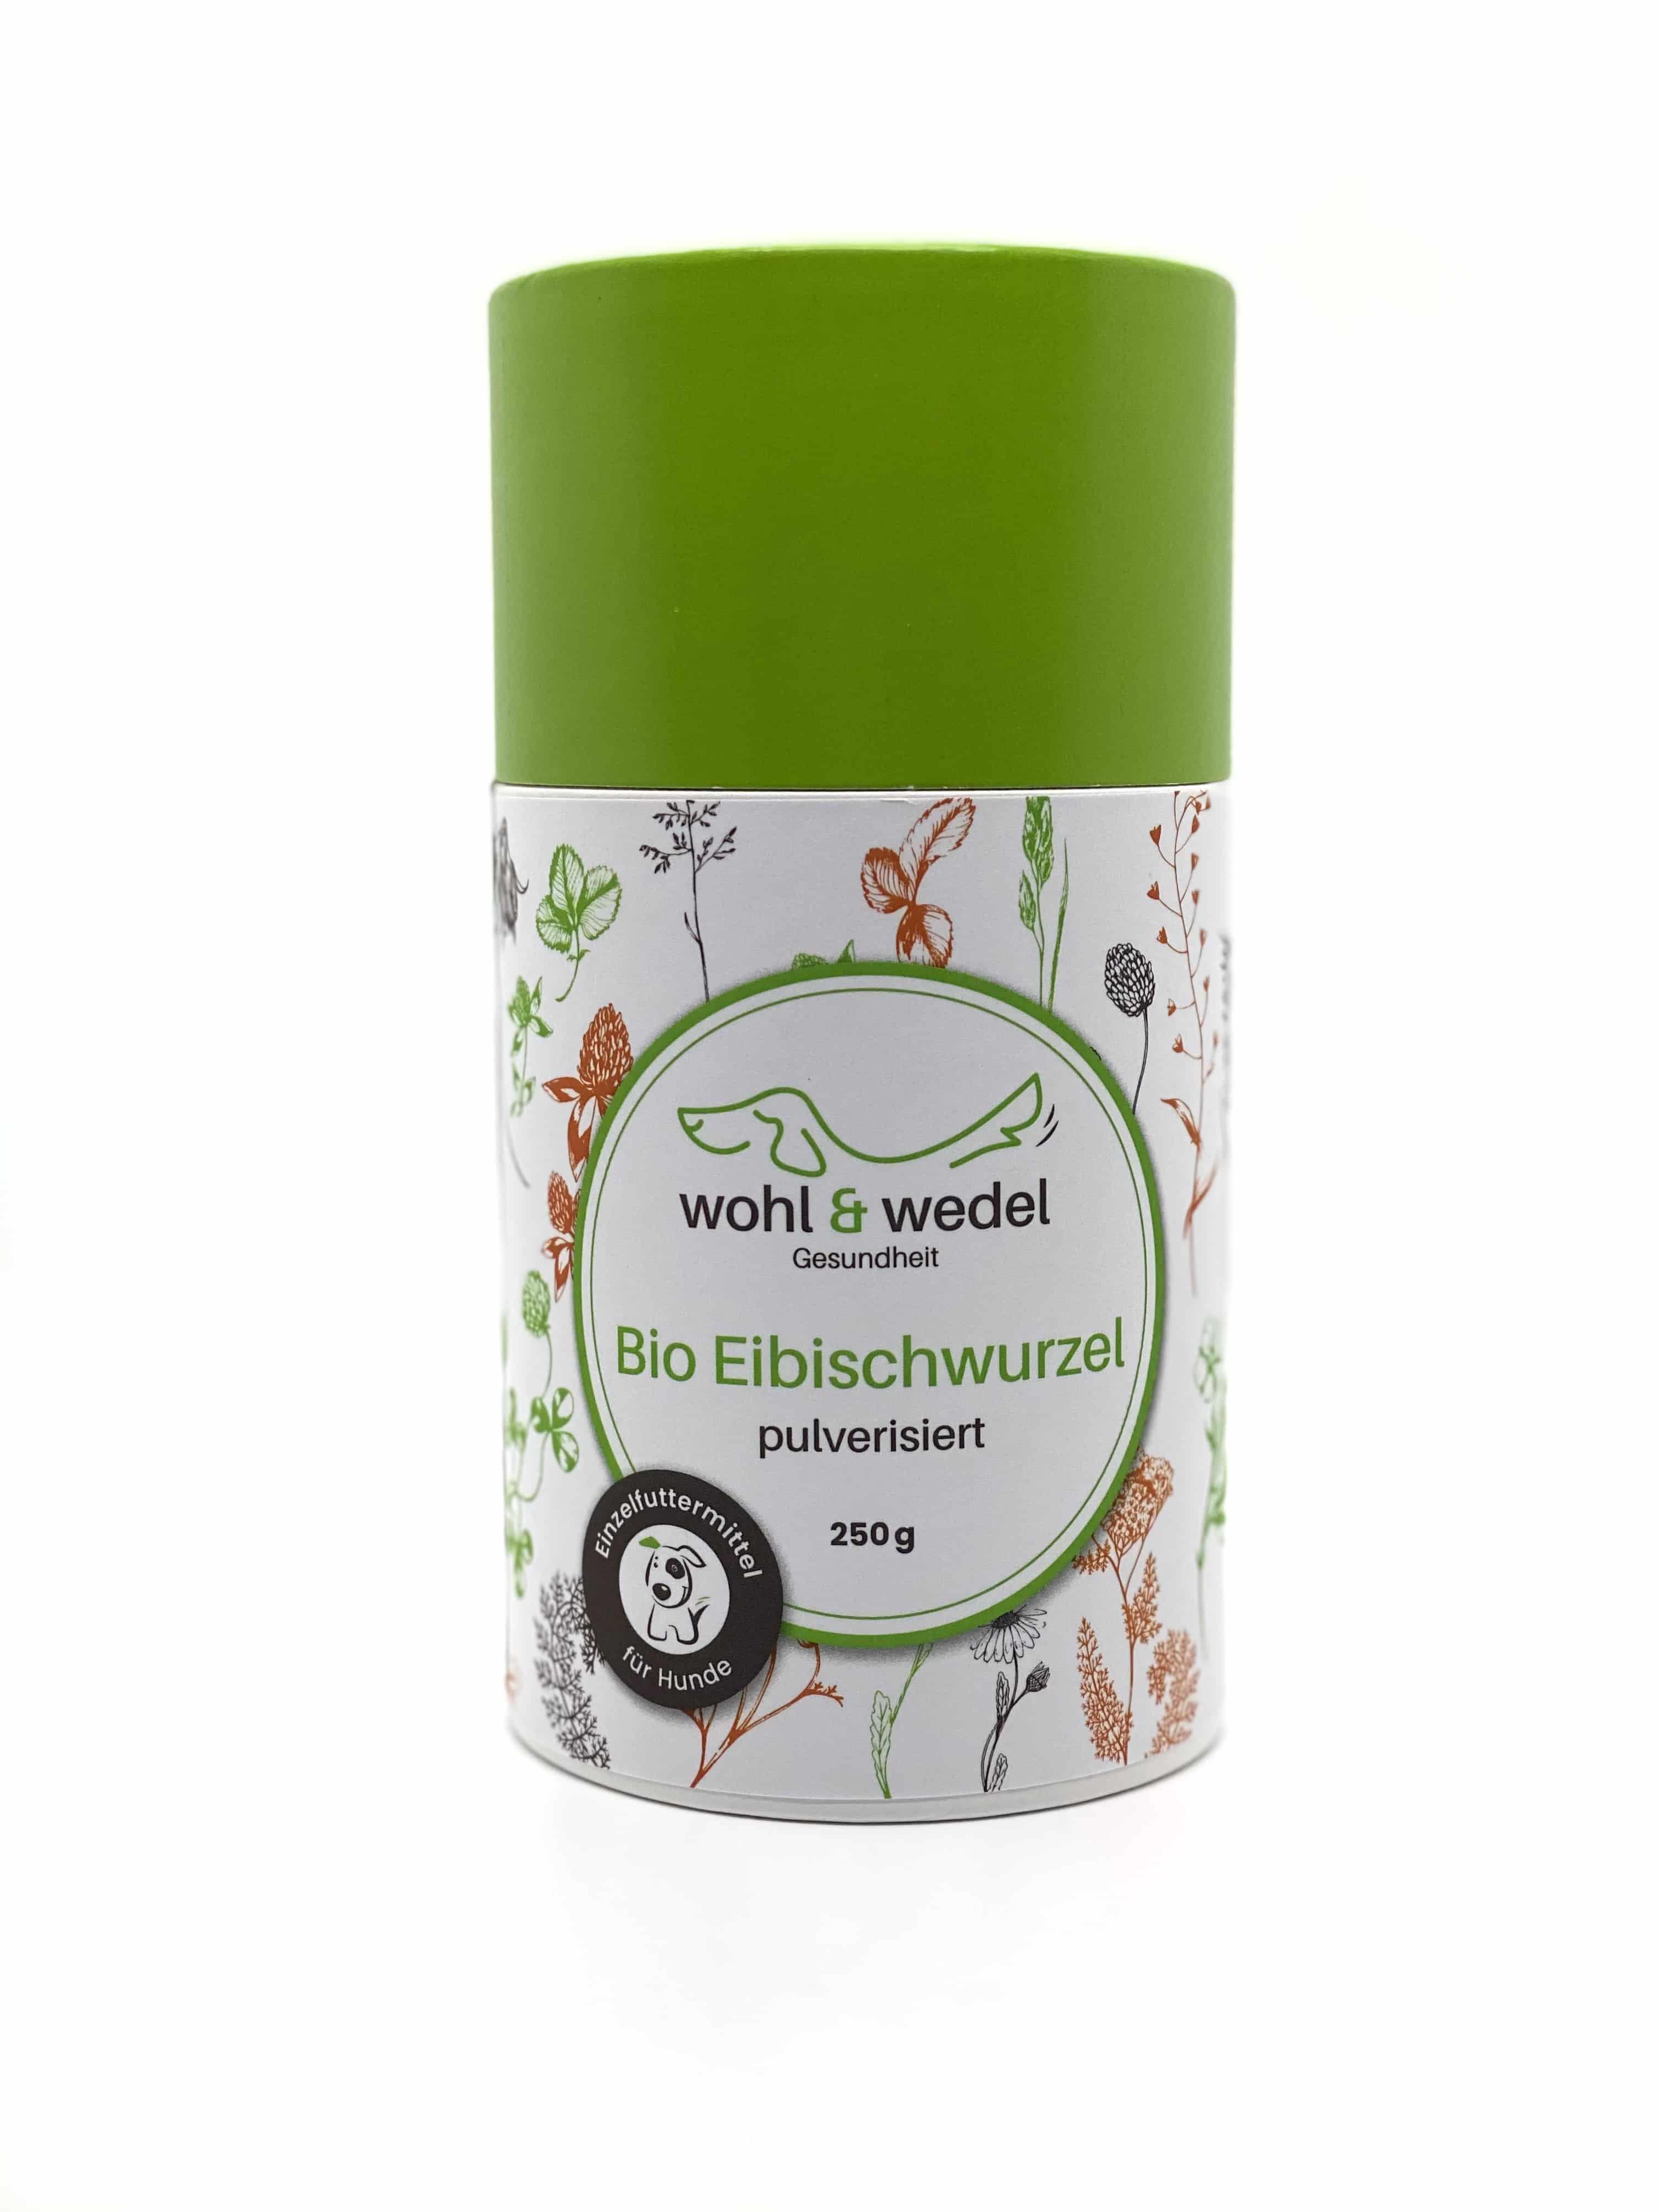 Bio Eibischwurzel pulverisiert 250 g  - DE-ÖKO-007